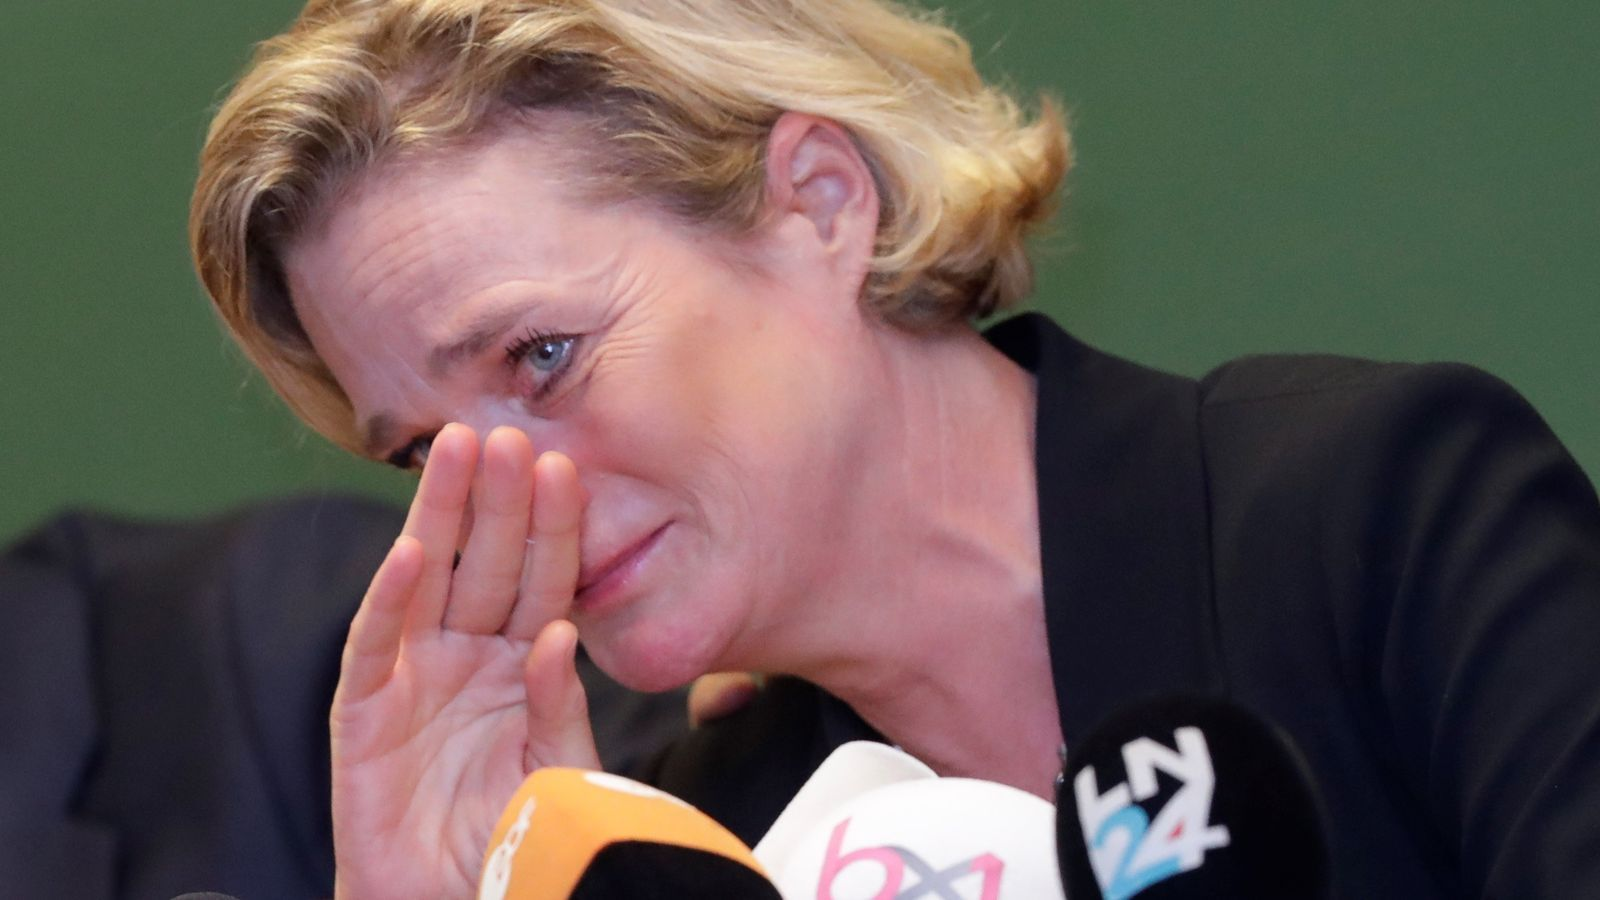 Delphine Boël és oficialment princesa després de ser reconeguda com a filla d'Albert II de Bèlgica en la roda de premsa posterior a conèixer-se la decisió judicial